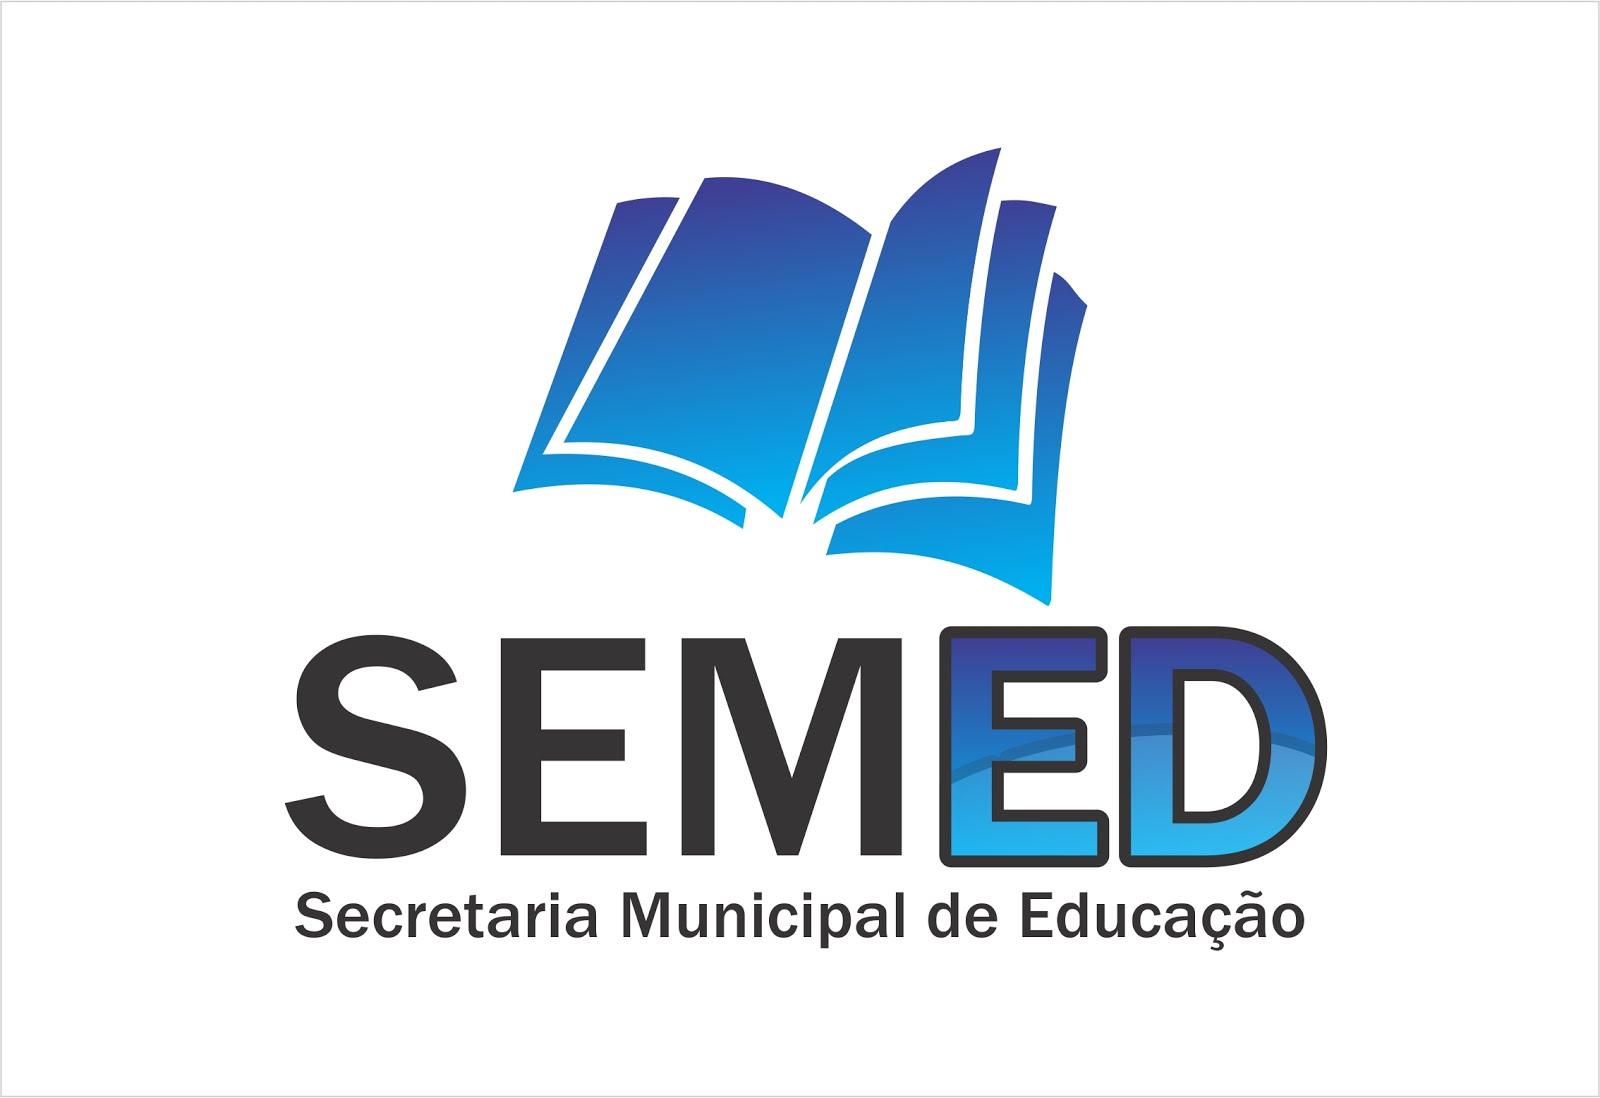 SEMED Secretaria Municipal de Educação